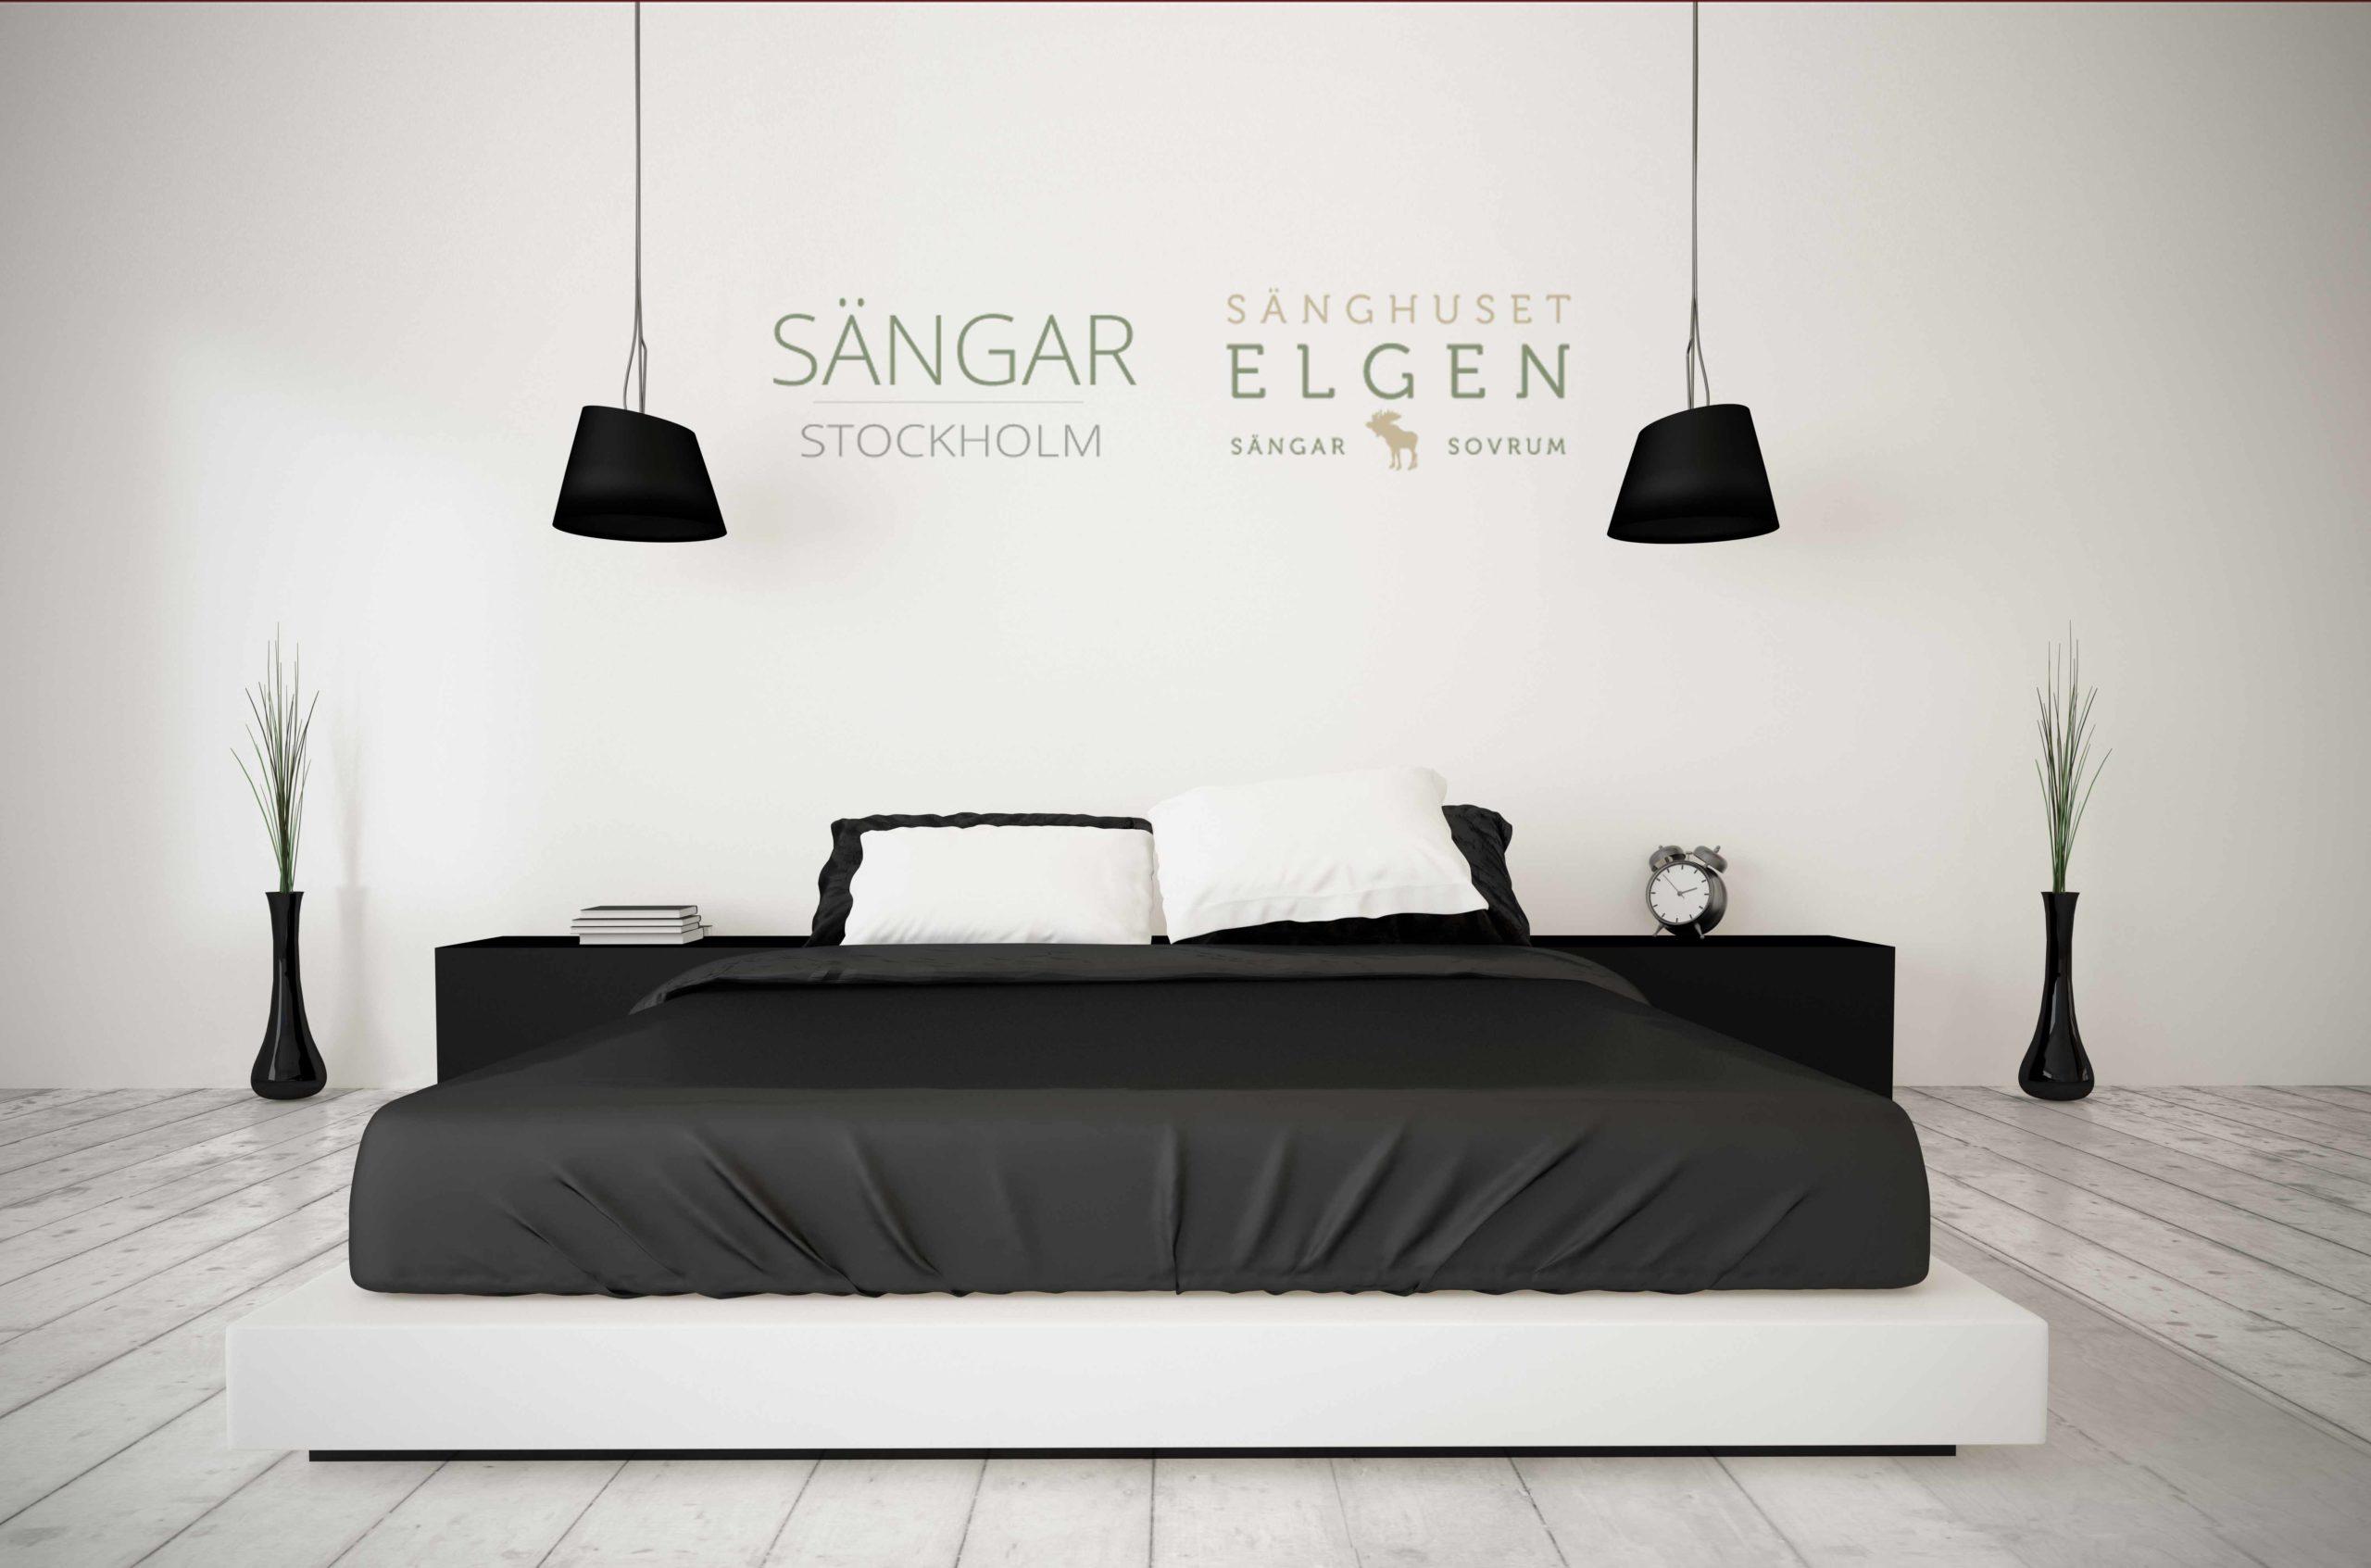 sängvaruhus elgen i Stockholm